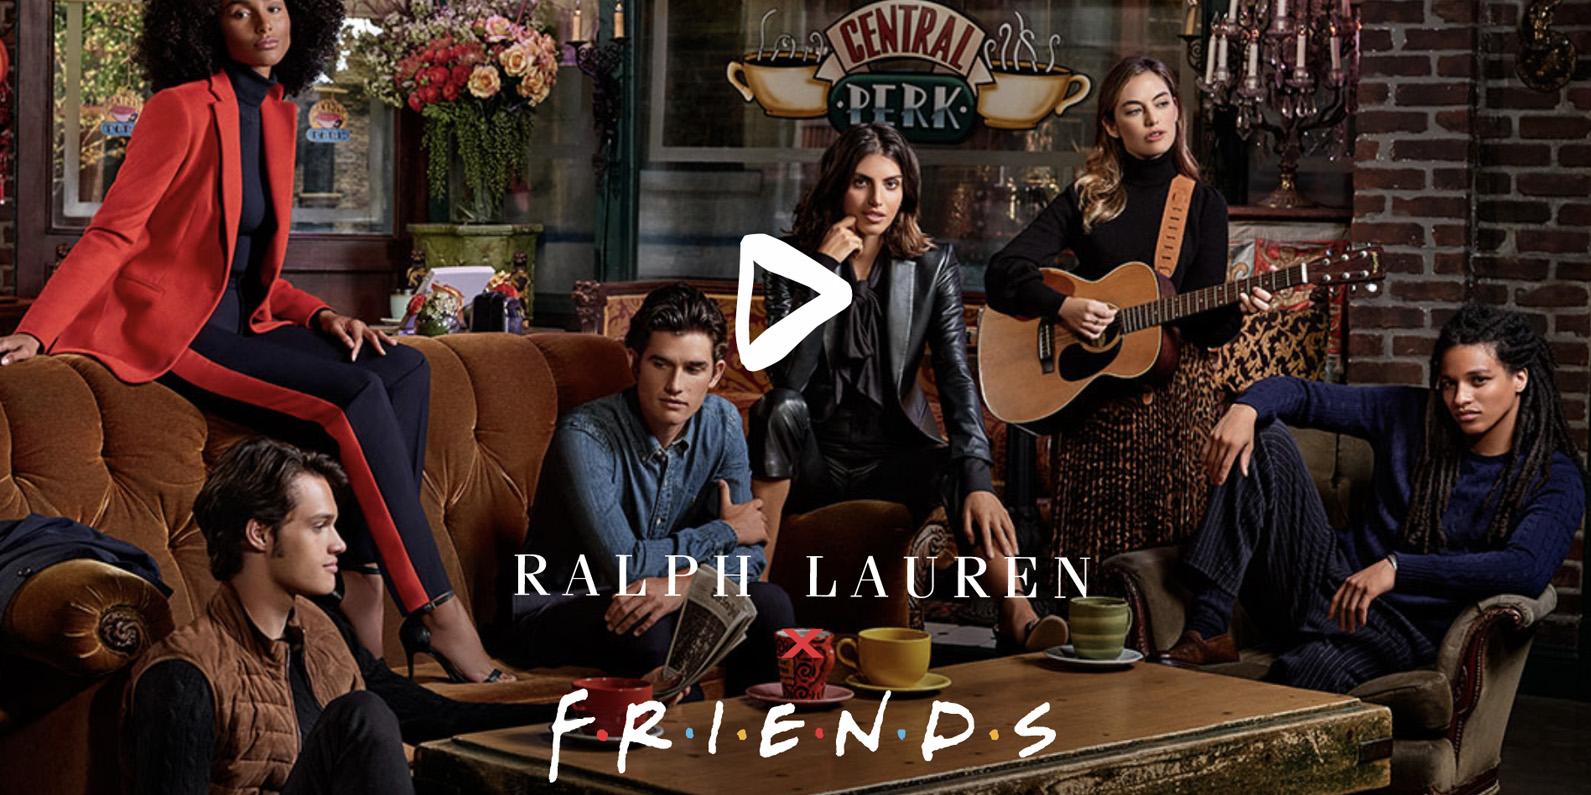 Ralph Lauren Friends